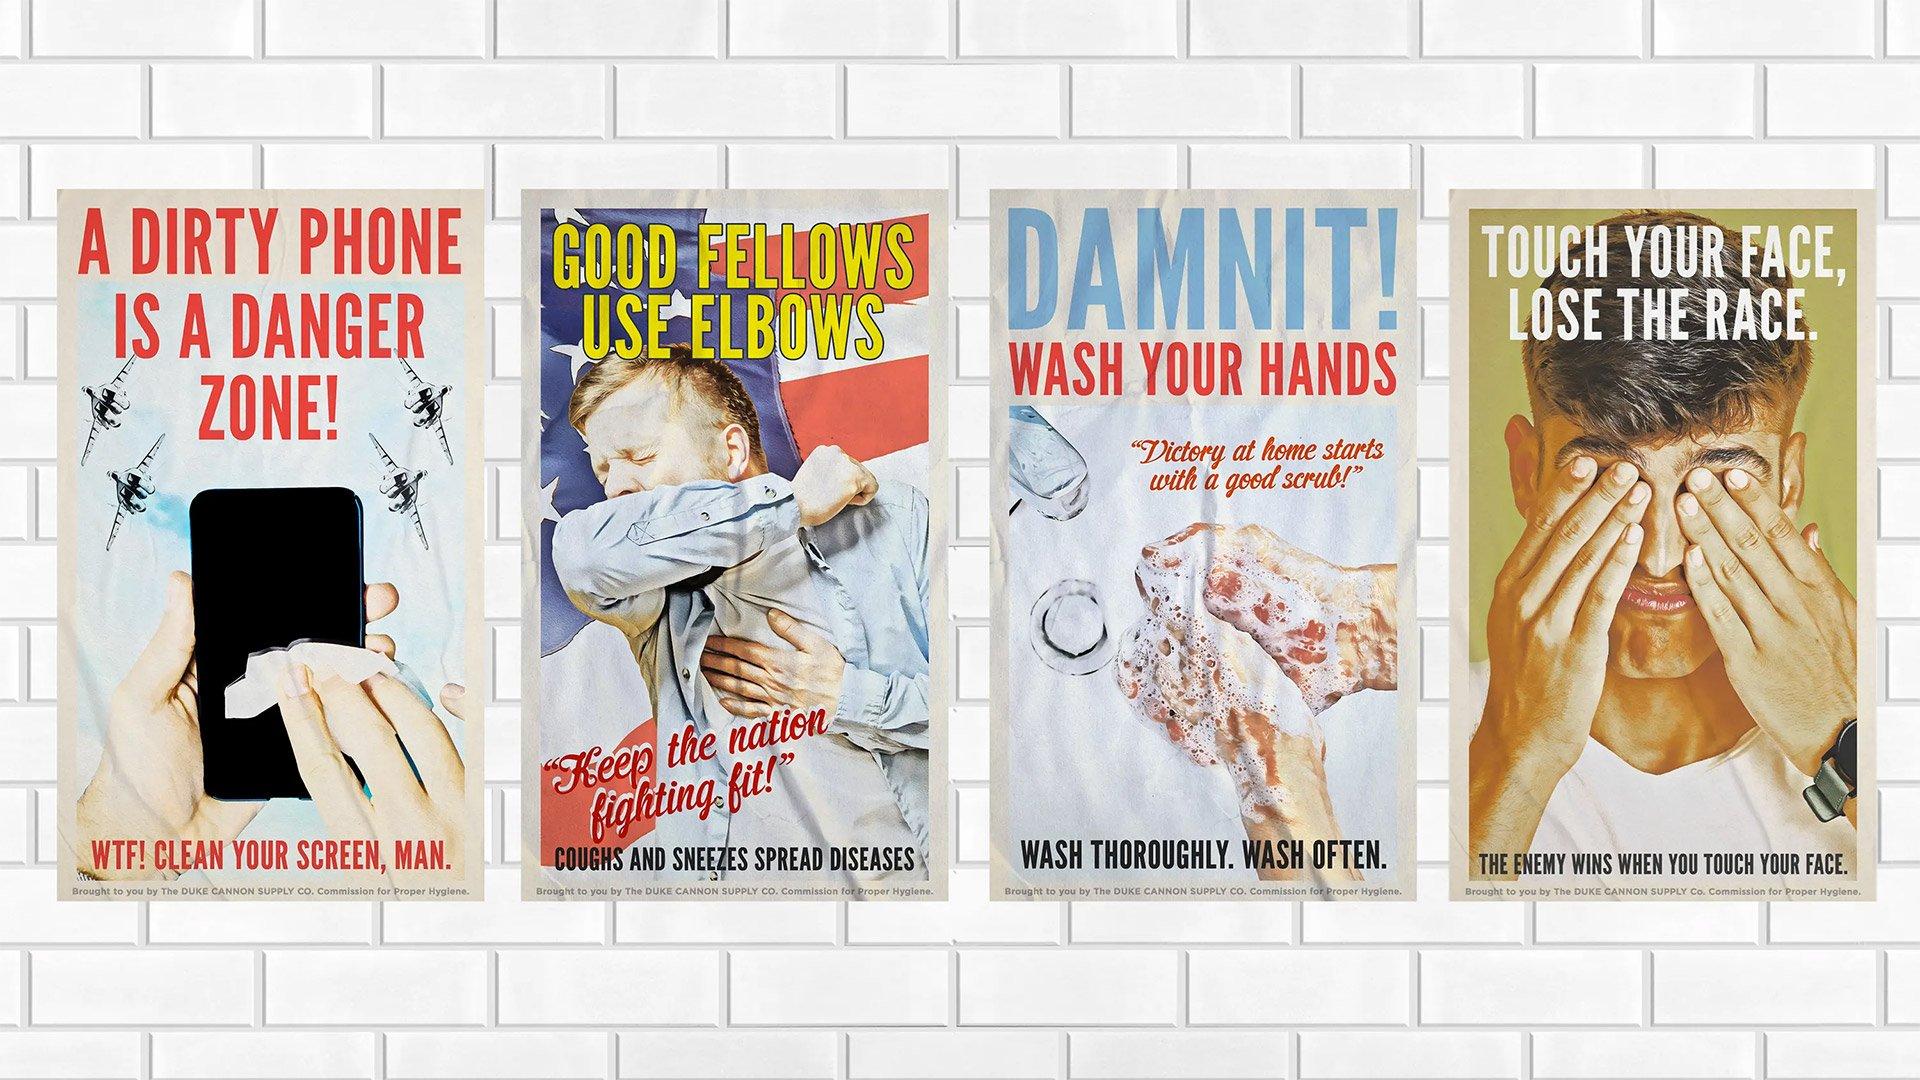 Duke Cannon PSA Posters